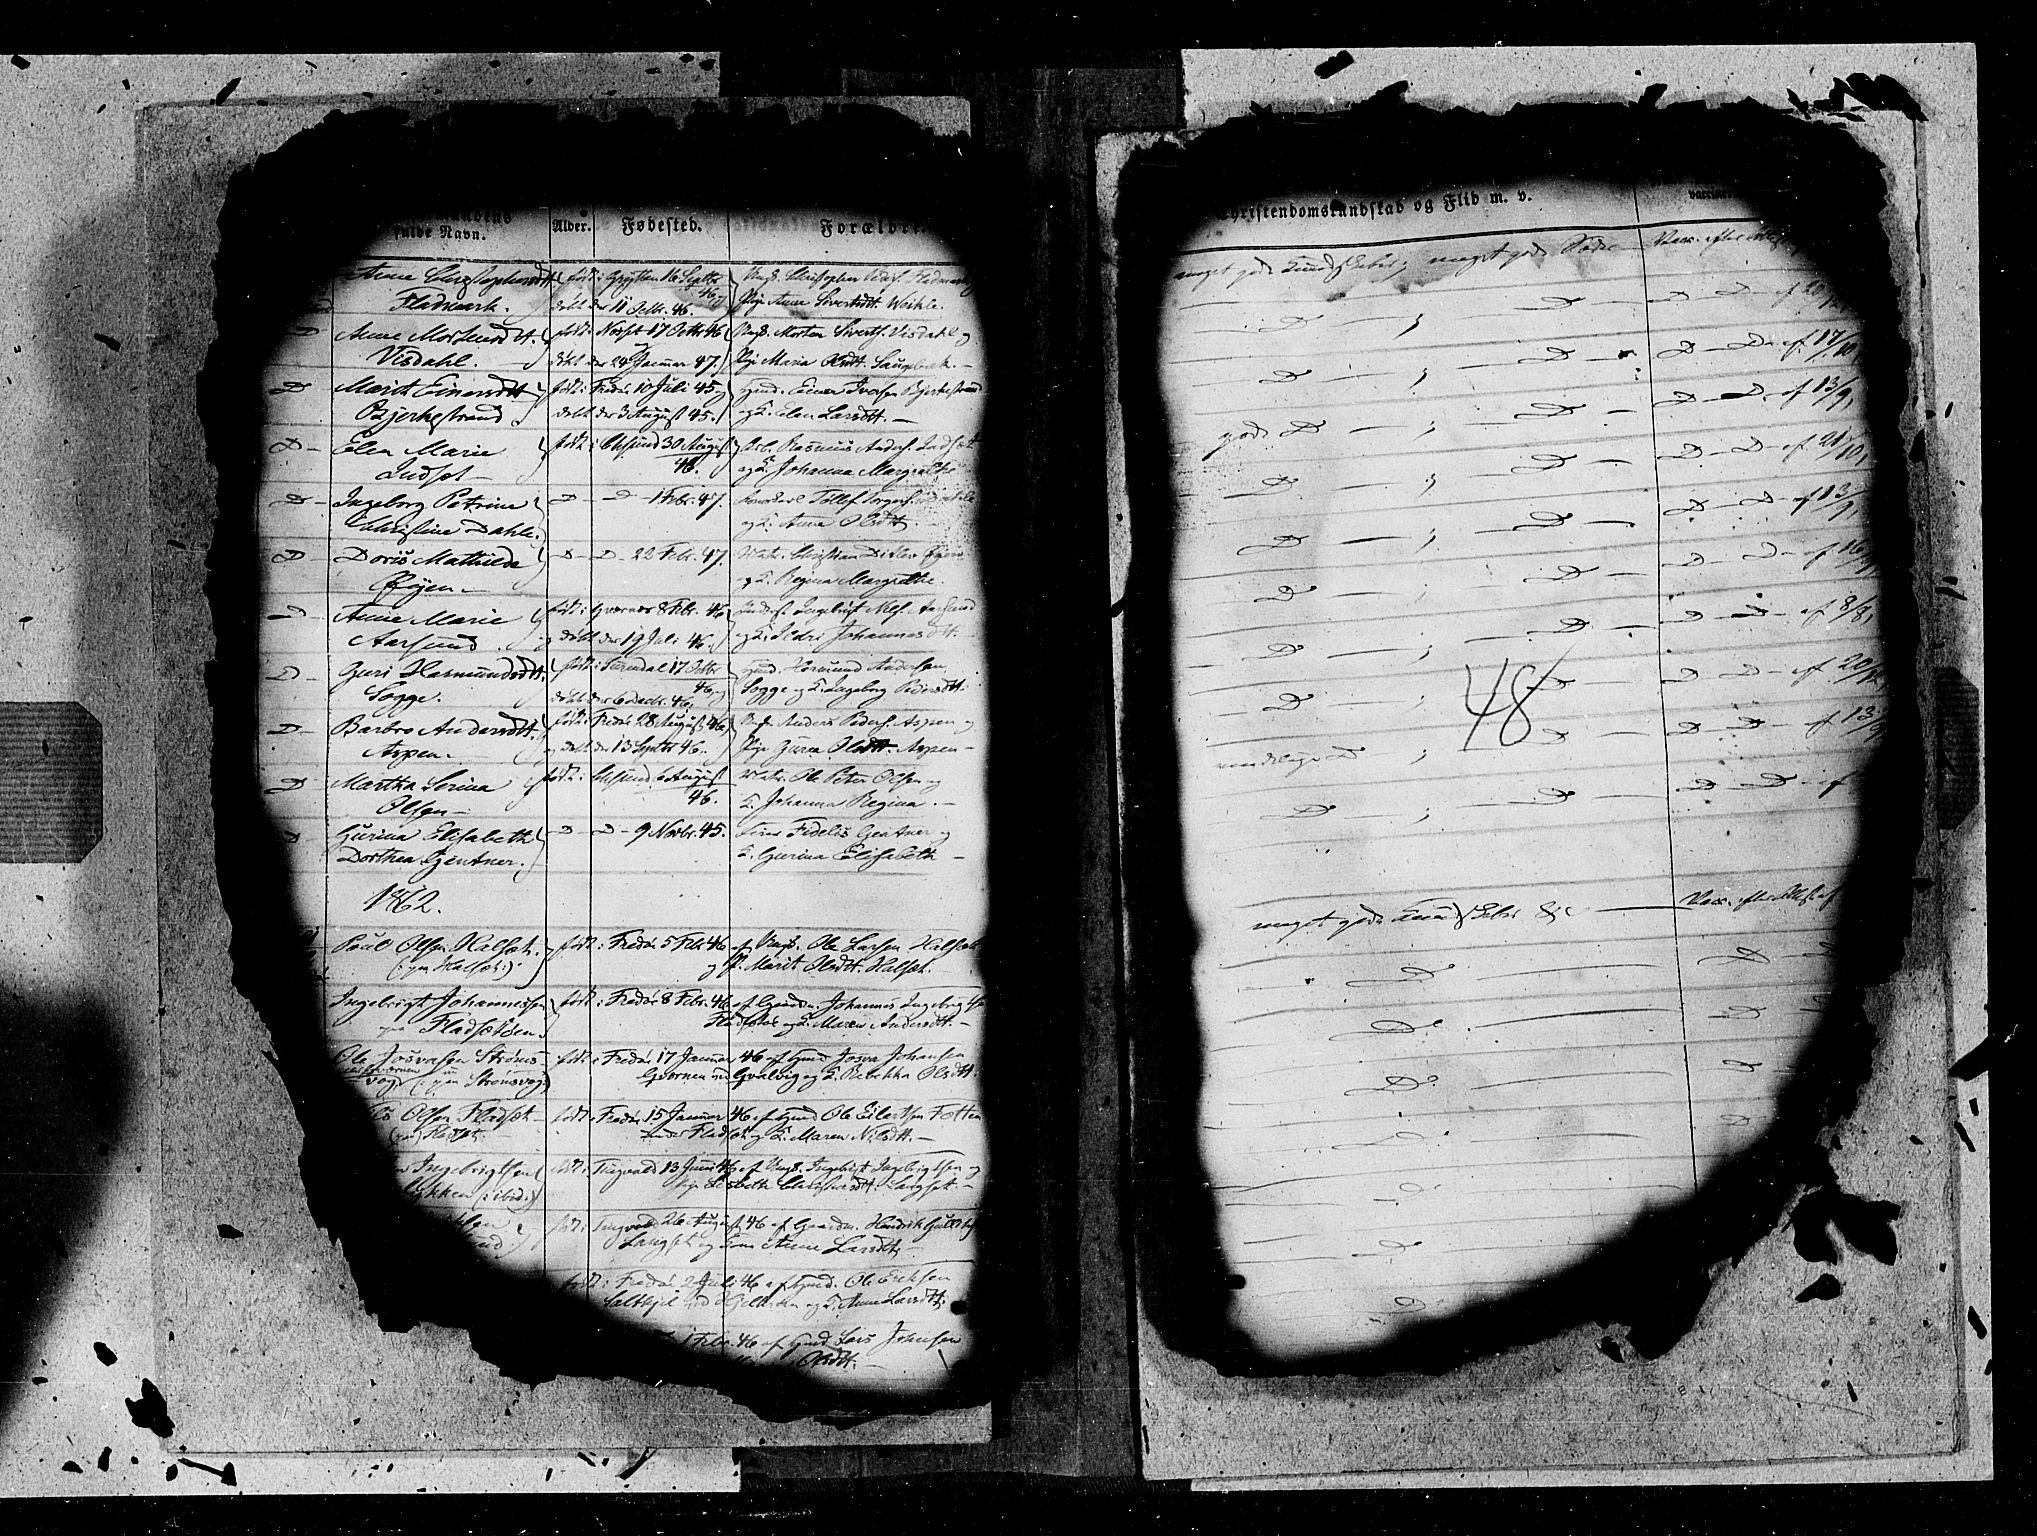 SAT, Ministerialprotokoller, klokkerbøker og fødselsregistre - Møre og Romsdal, 572/L0846: Ministerialbok nr. 572A09, 1855-1865, s. 48